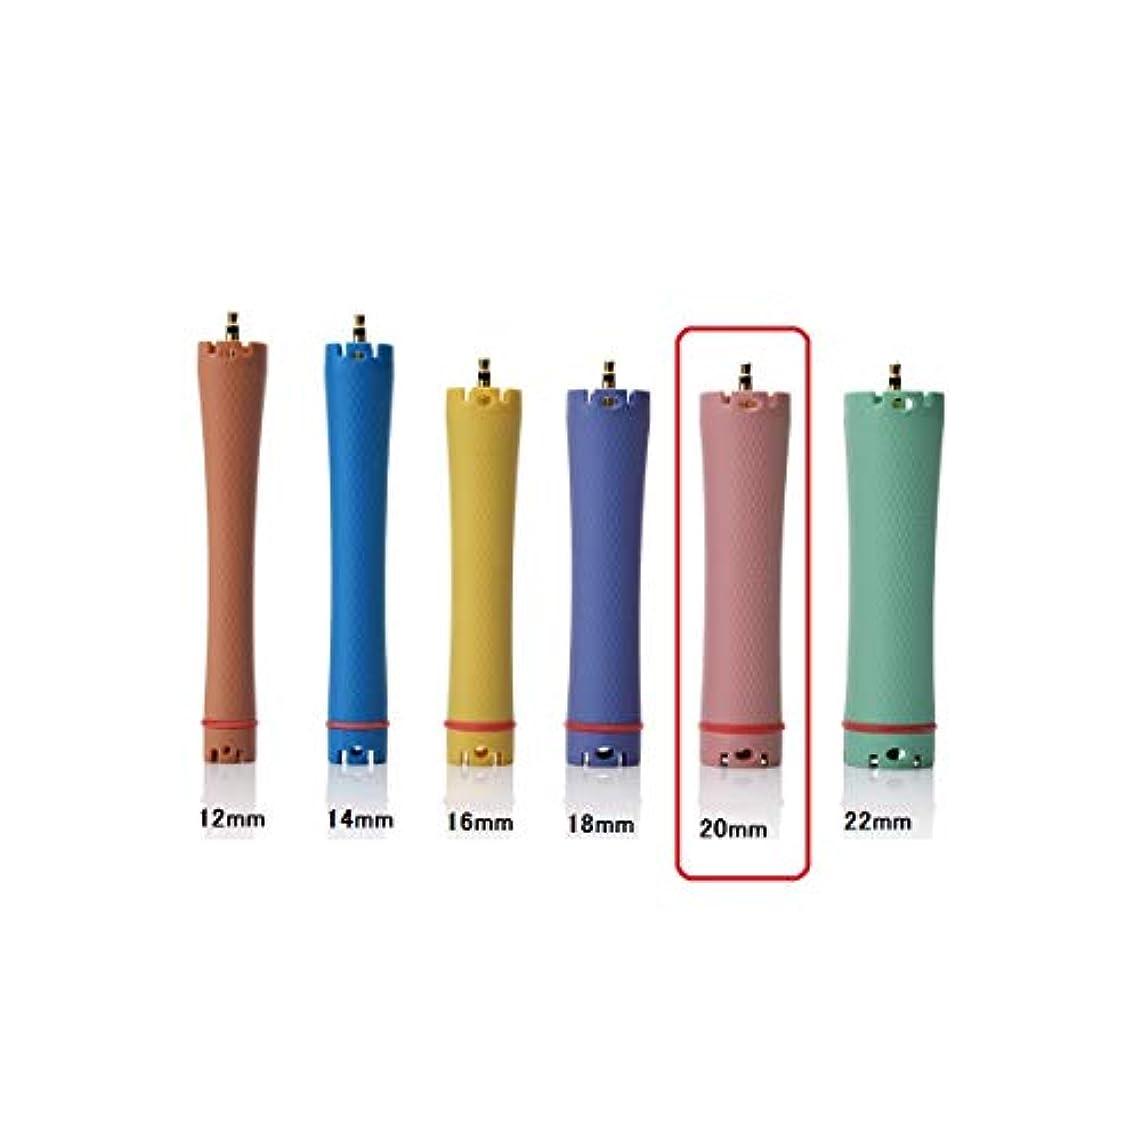 分散言語水素ソキウス 専用ロッド レギュラーロッド 20mm